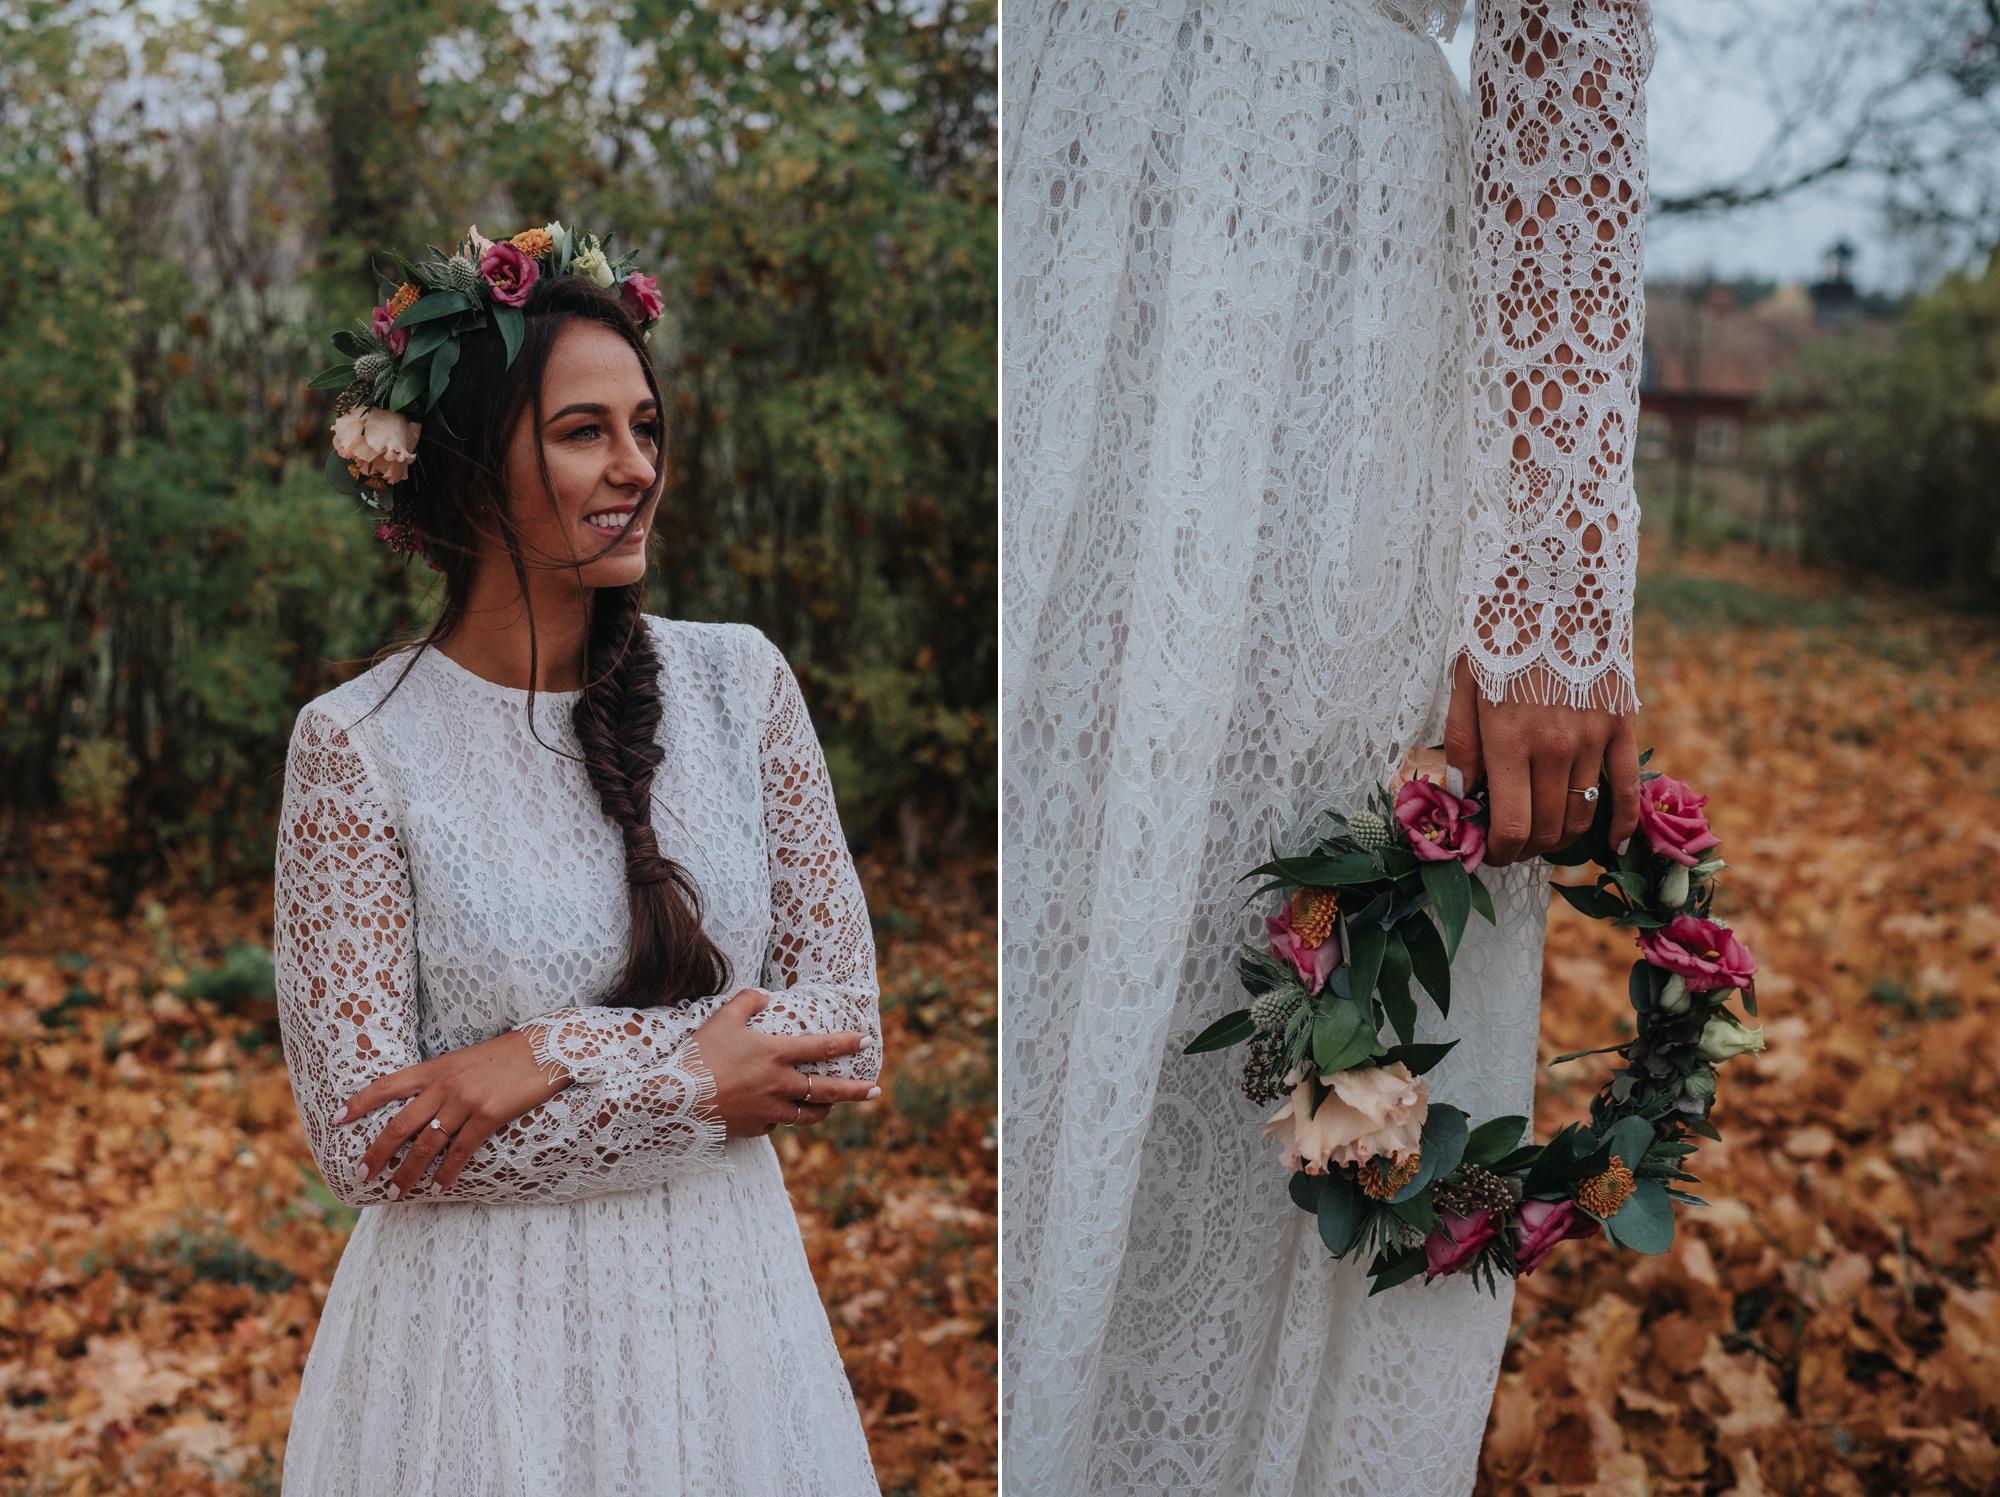 031-bröllop-blomsterrummet-neas-fotografi.jpg